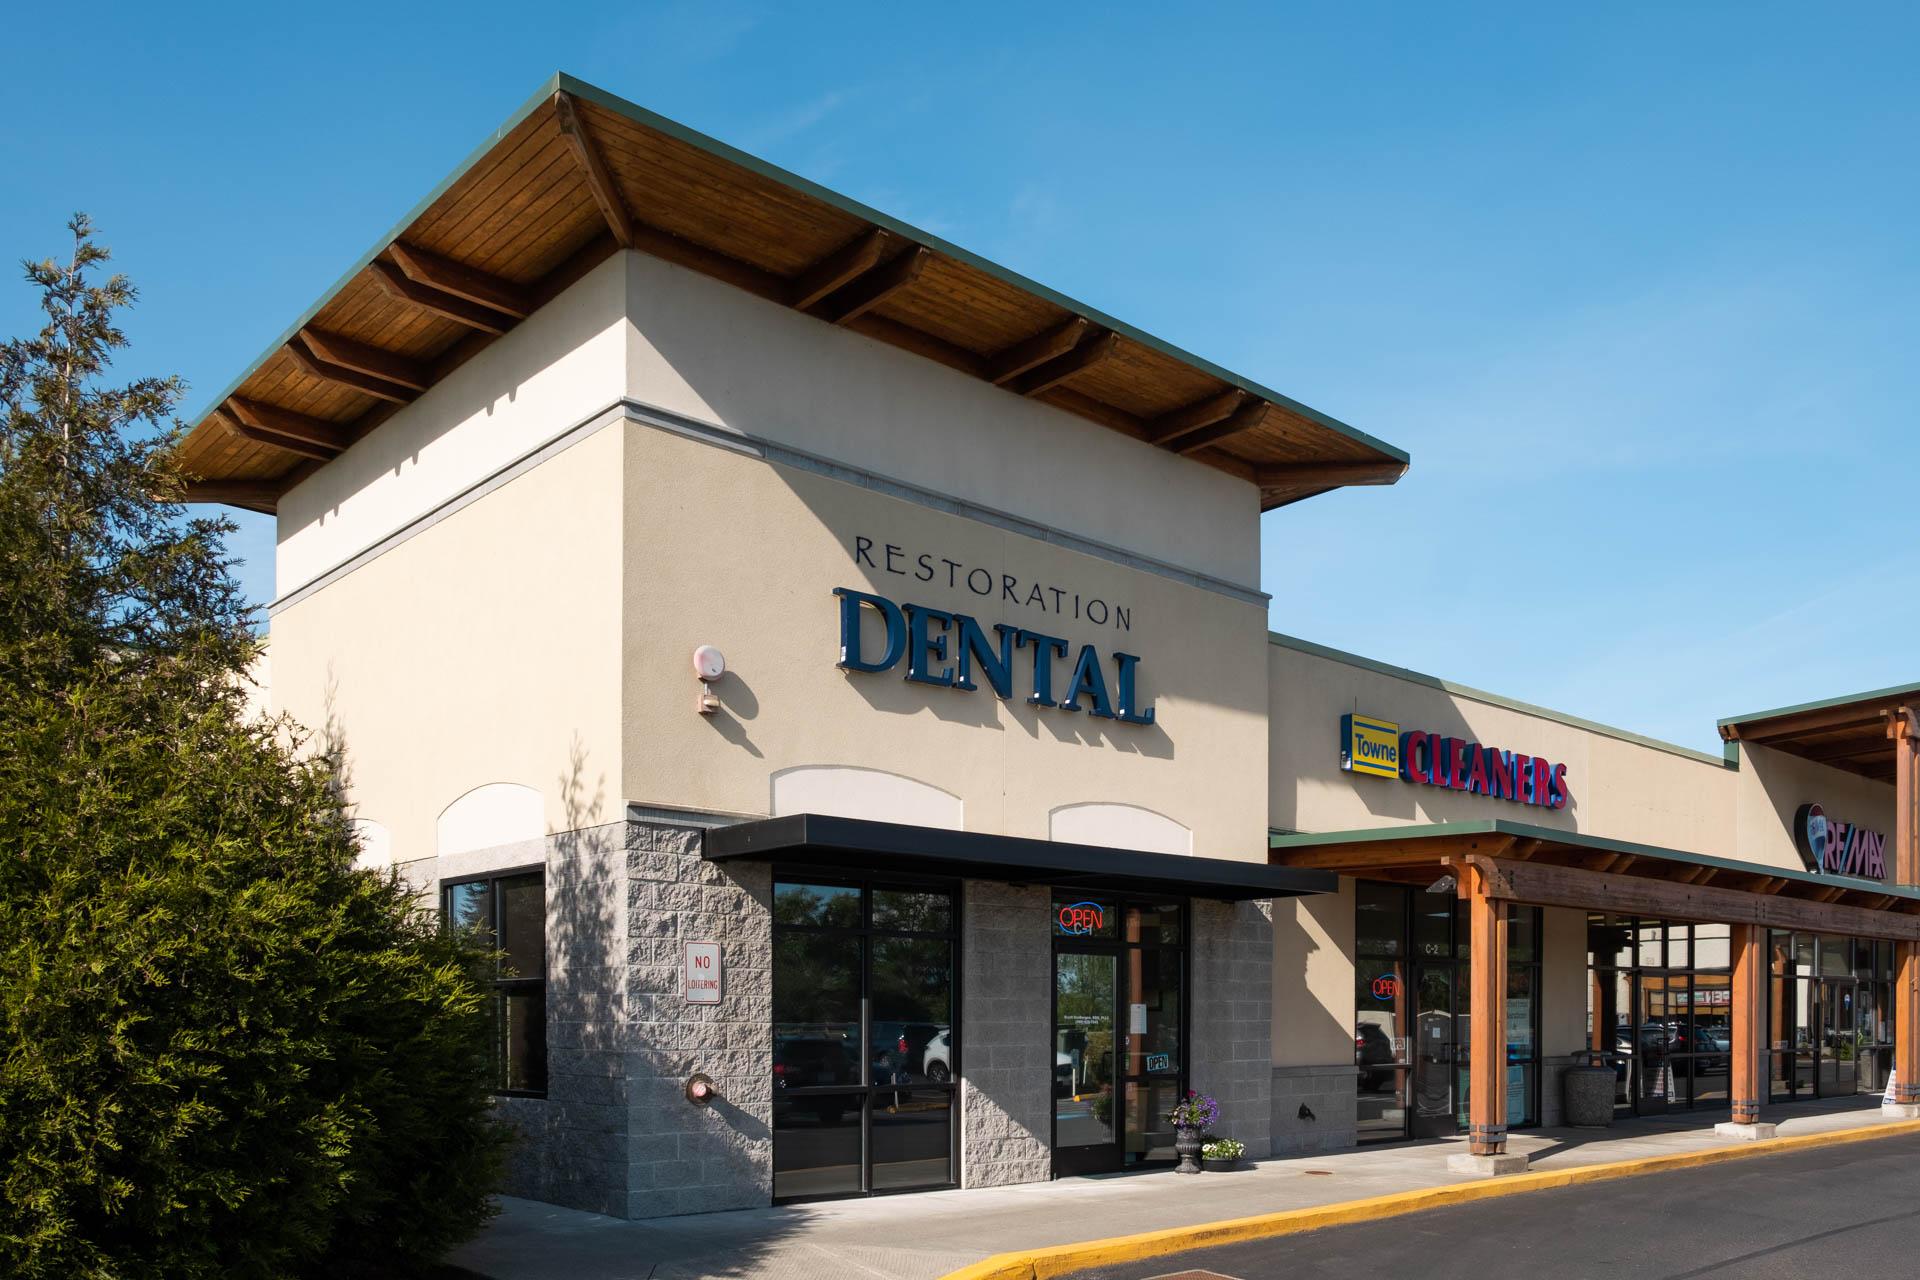 restoration-dental-06_WEB.jpg